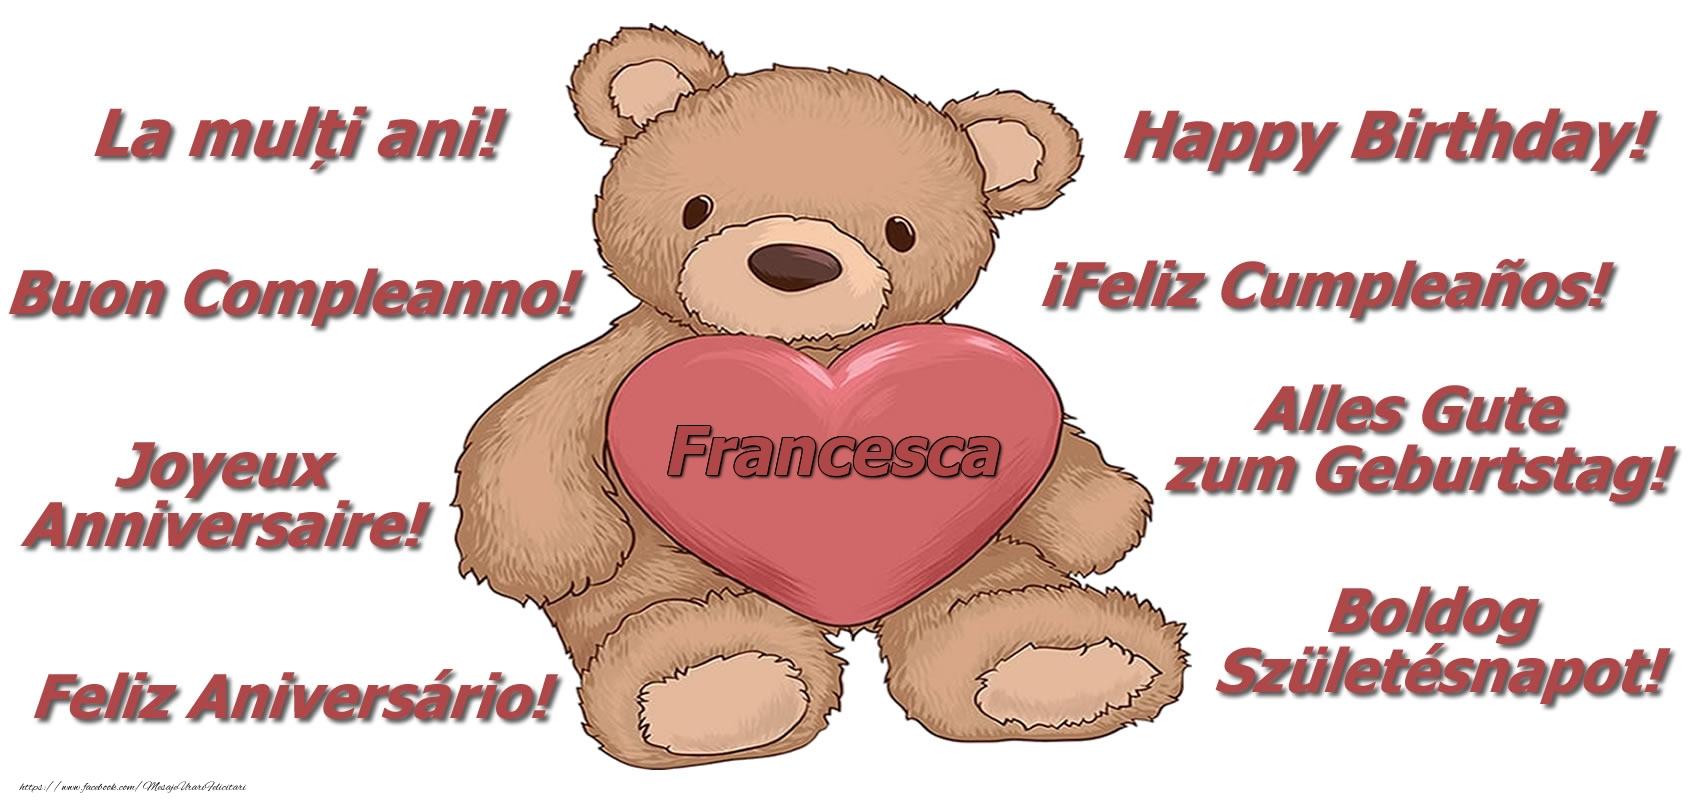 Felicitari de zi de nastere - La multi ani Francesca! - Ursulet